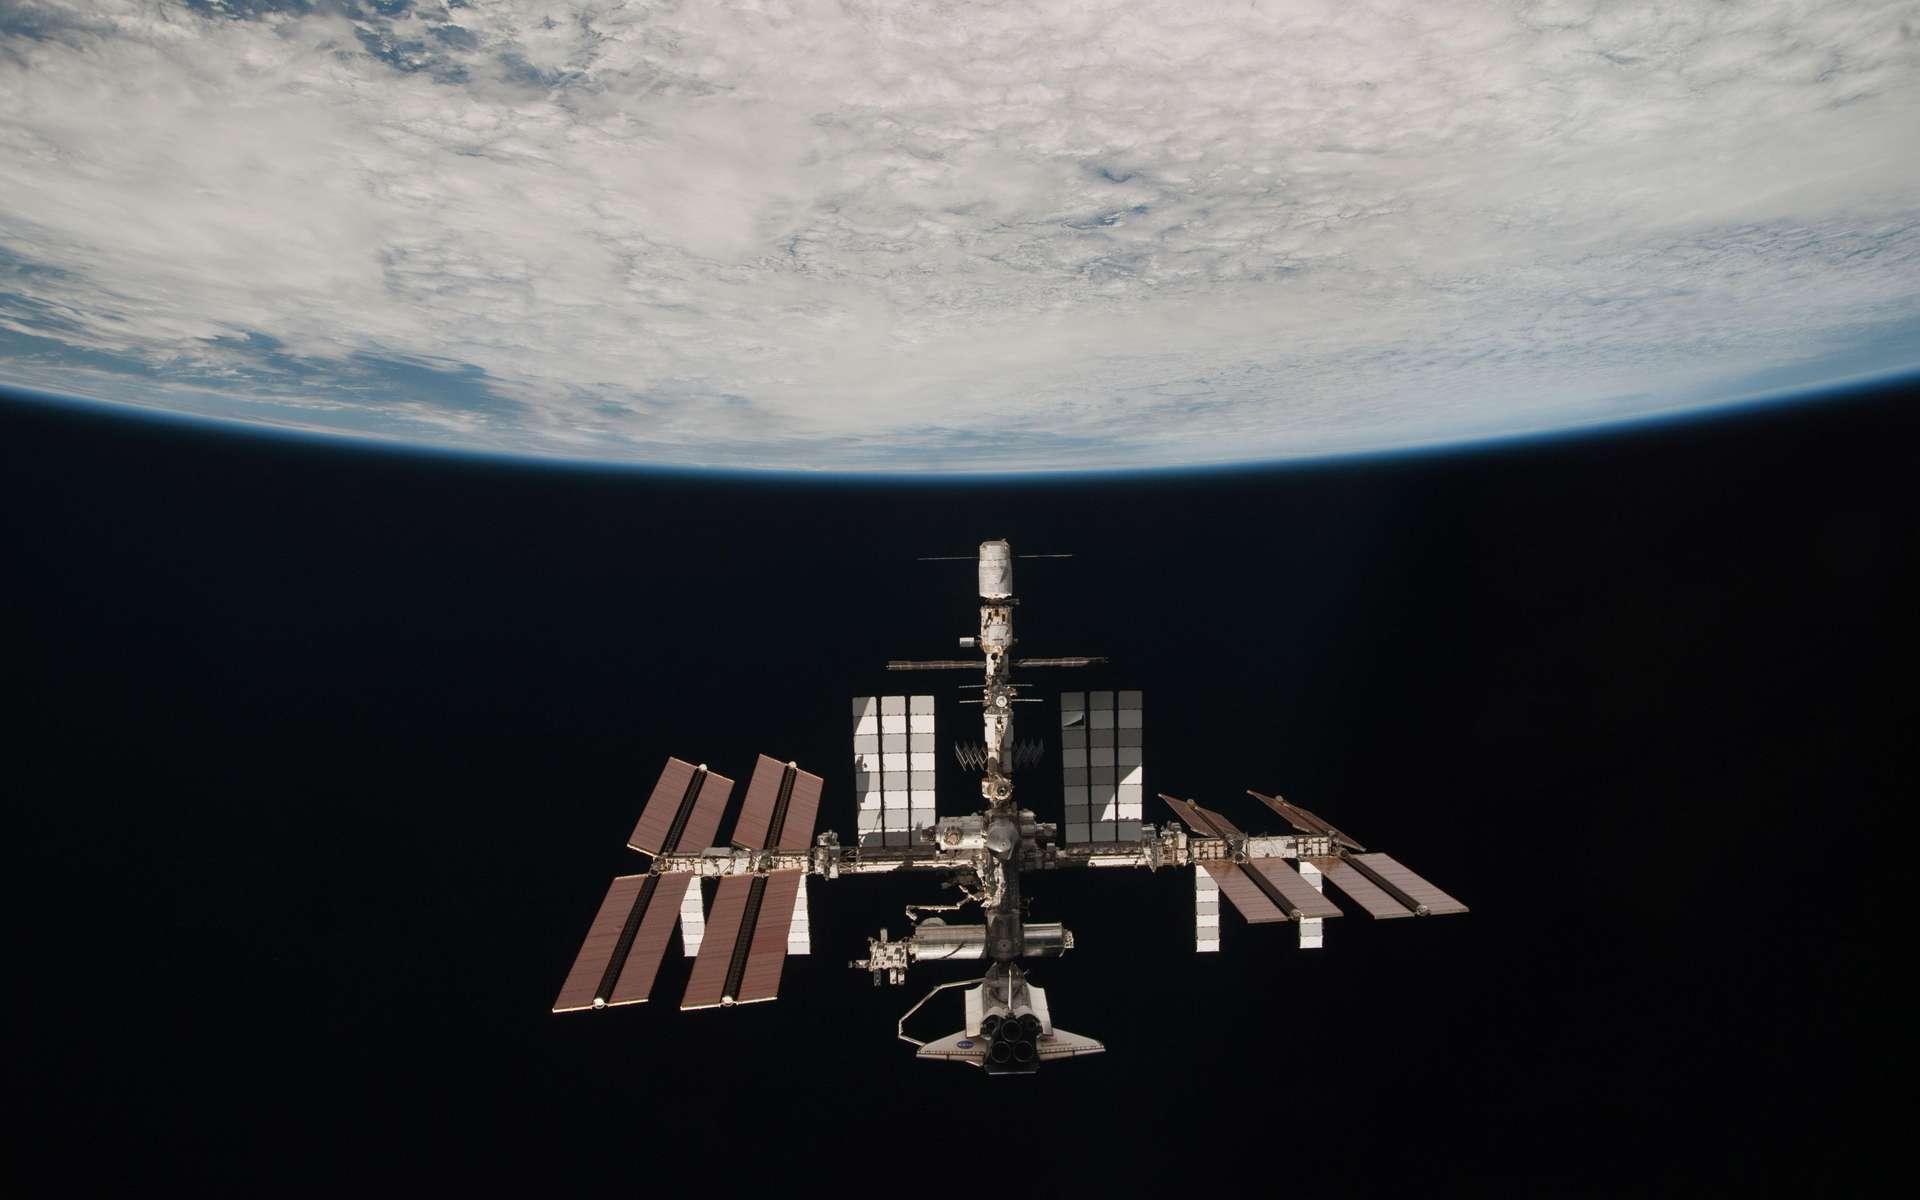 Portrait de famille ou photo historique de l'ISS avec ses vaisseaux d'accès (sauf le japonais HTV). À défaut d'être un succès scientifique, la Station est avant tout un succès politique et technologique sans précédent. © Nasa